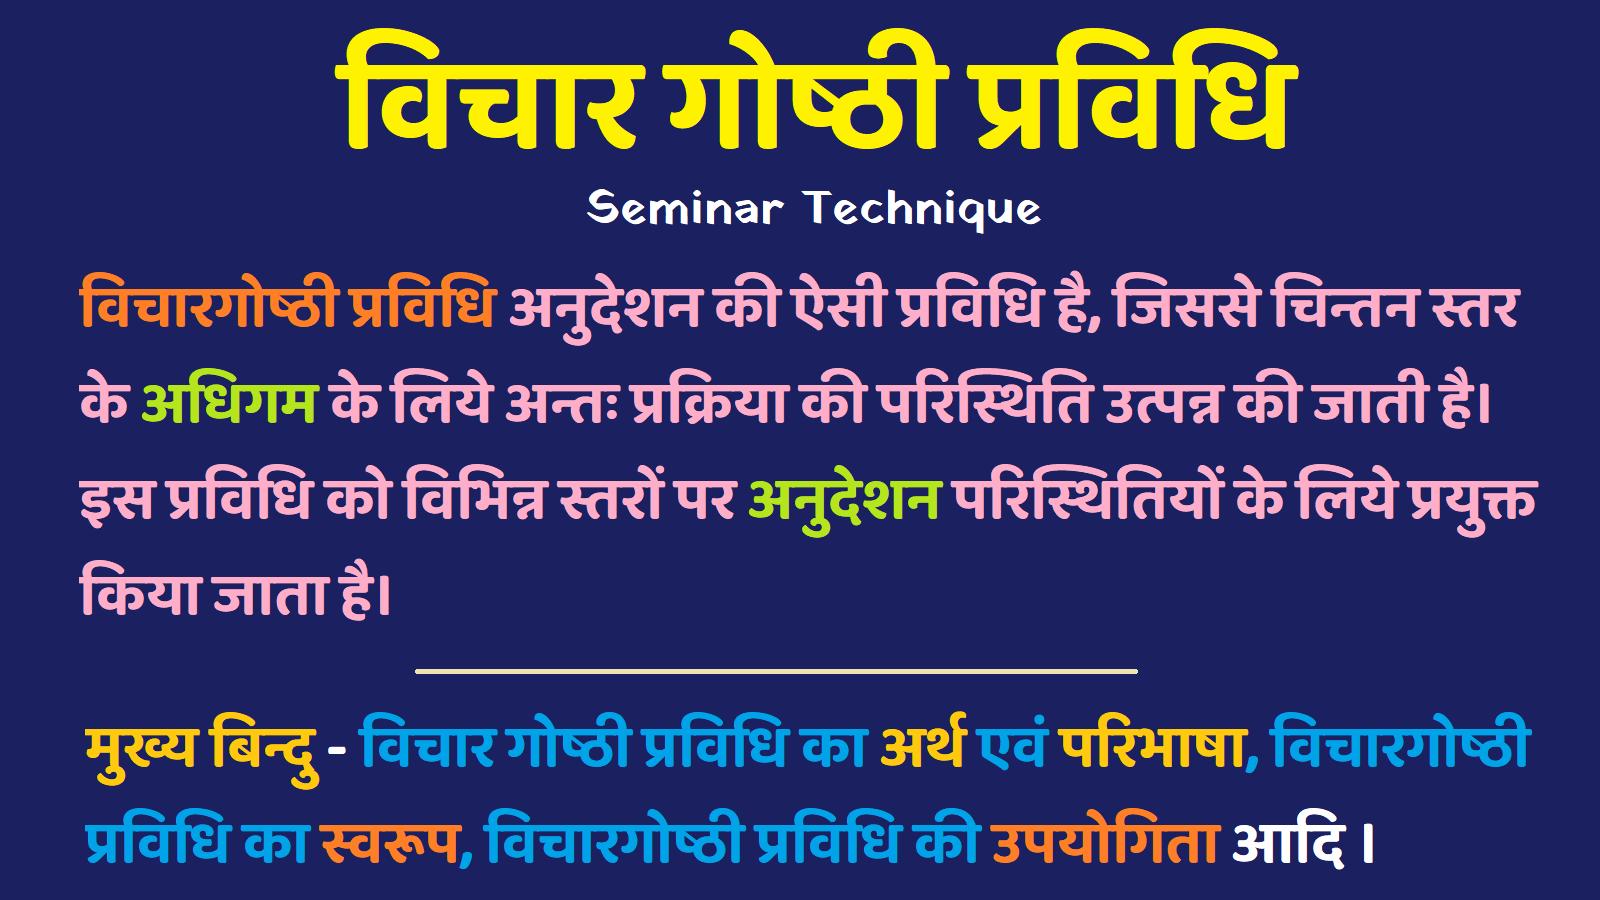 Vichar Goshti Pravidhi -  Vichar Goshti Vidhi Dwara Sikhna